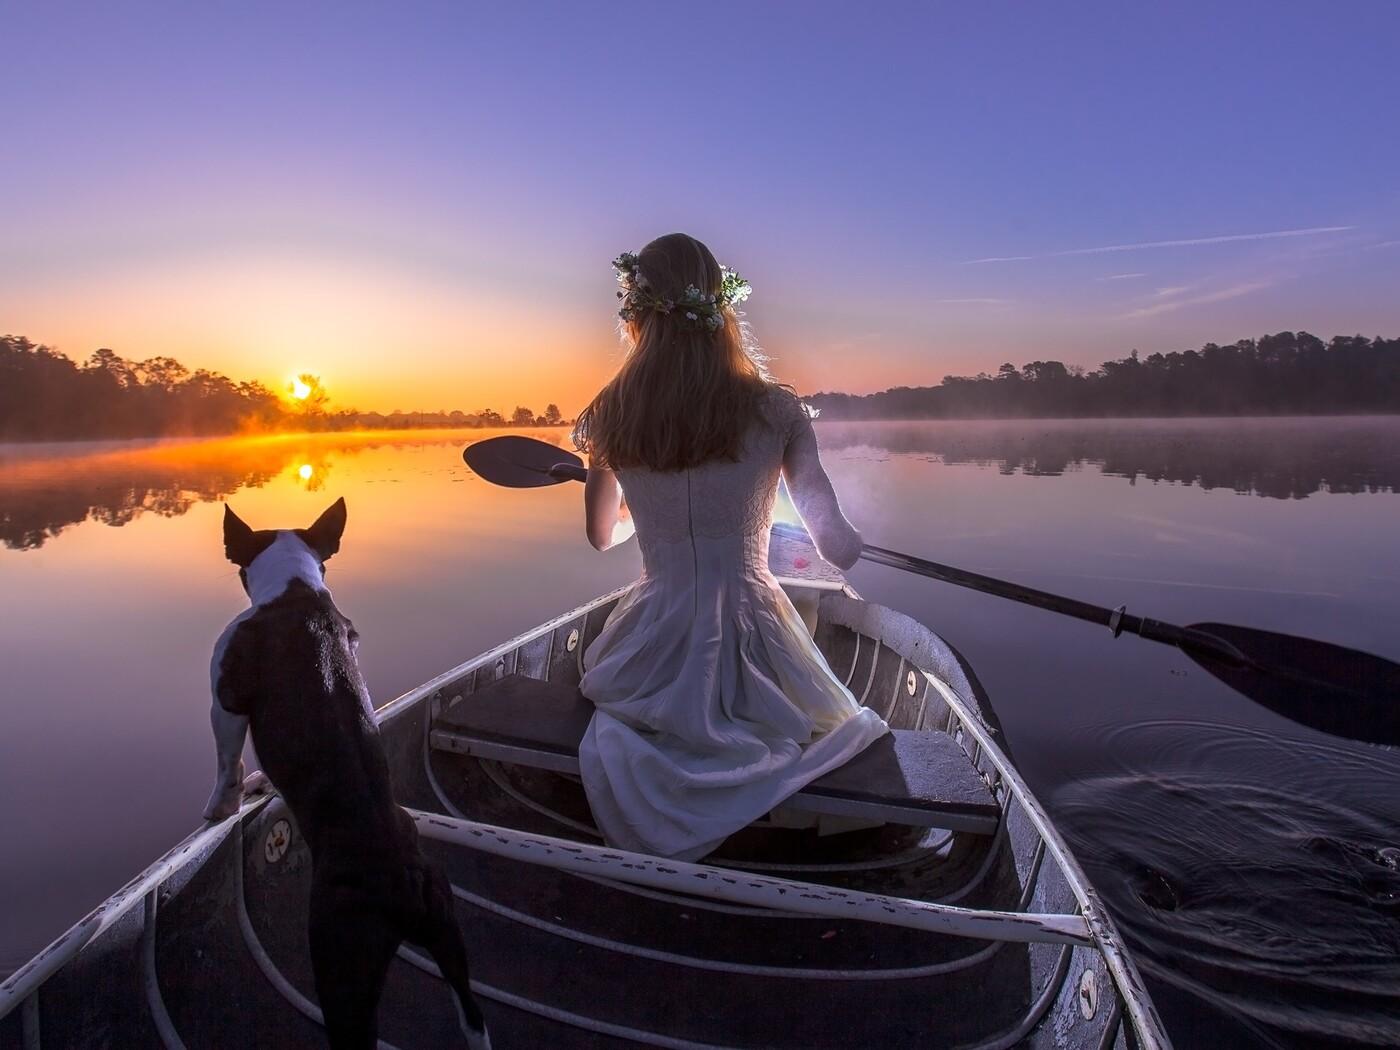 bride-with-dog-on-boat-av.jpg